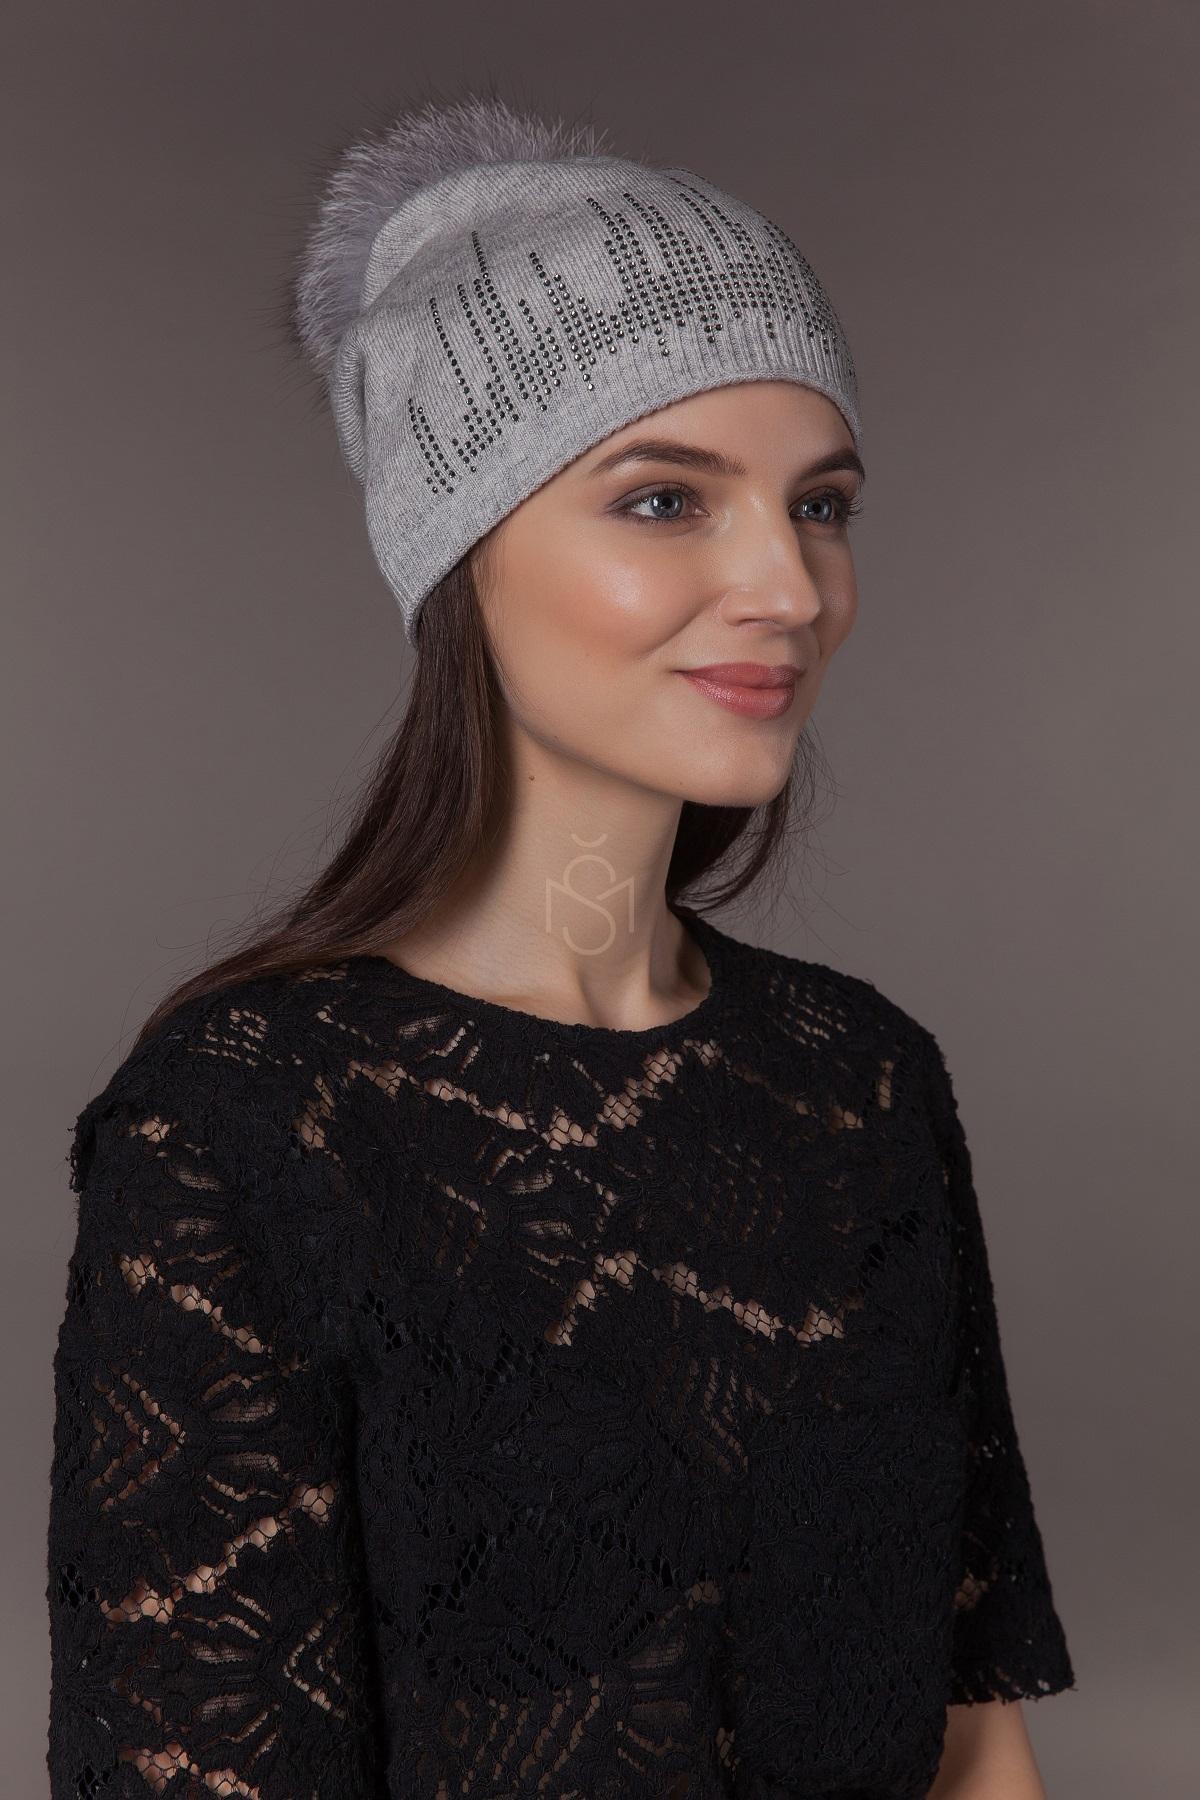 hat with fox fur pom pom